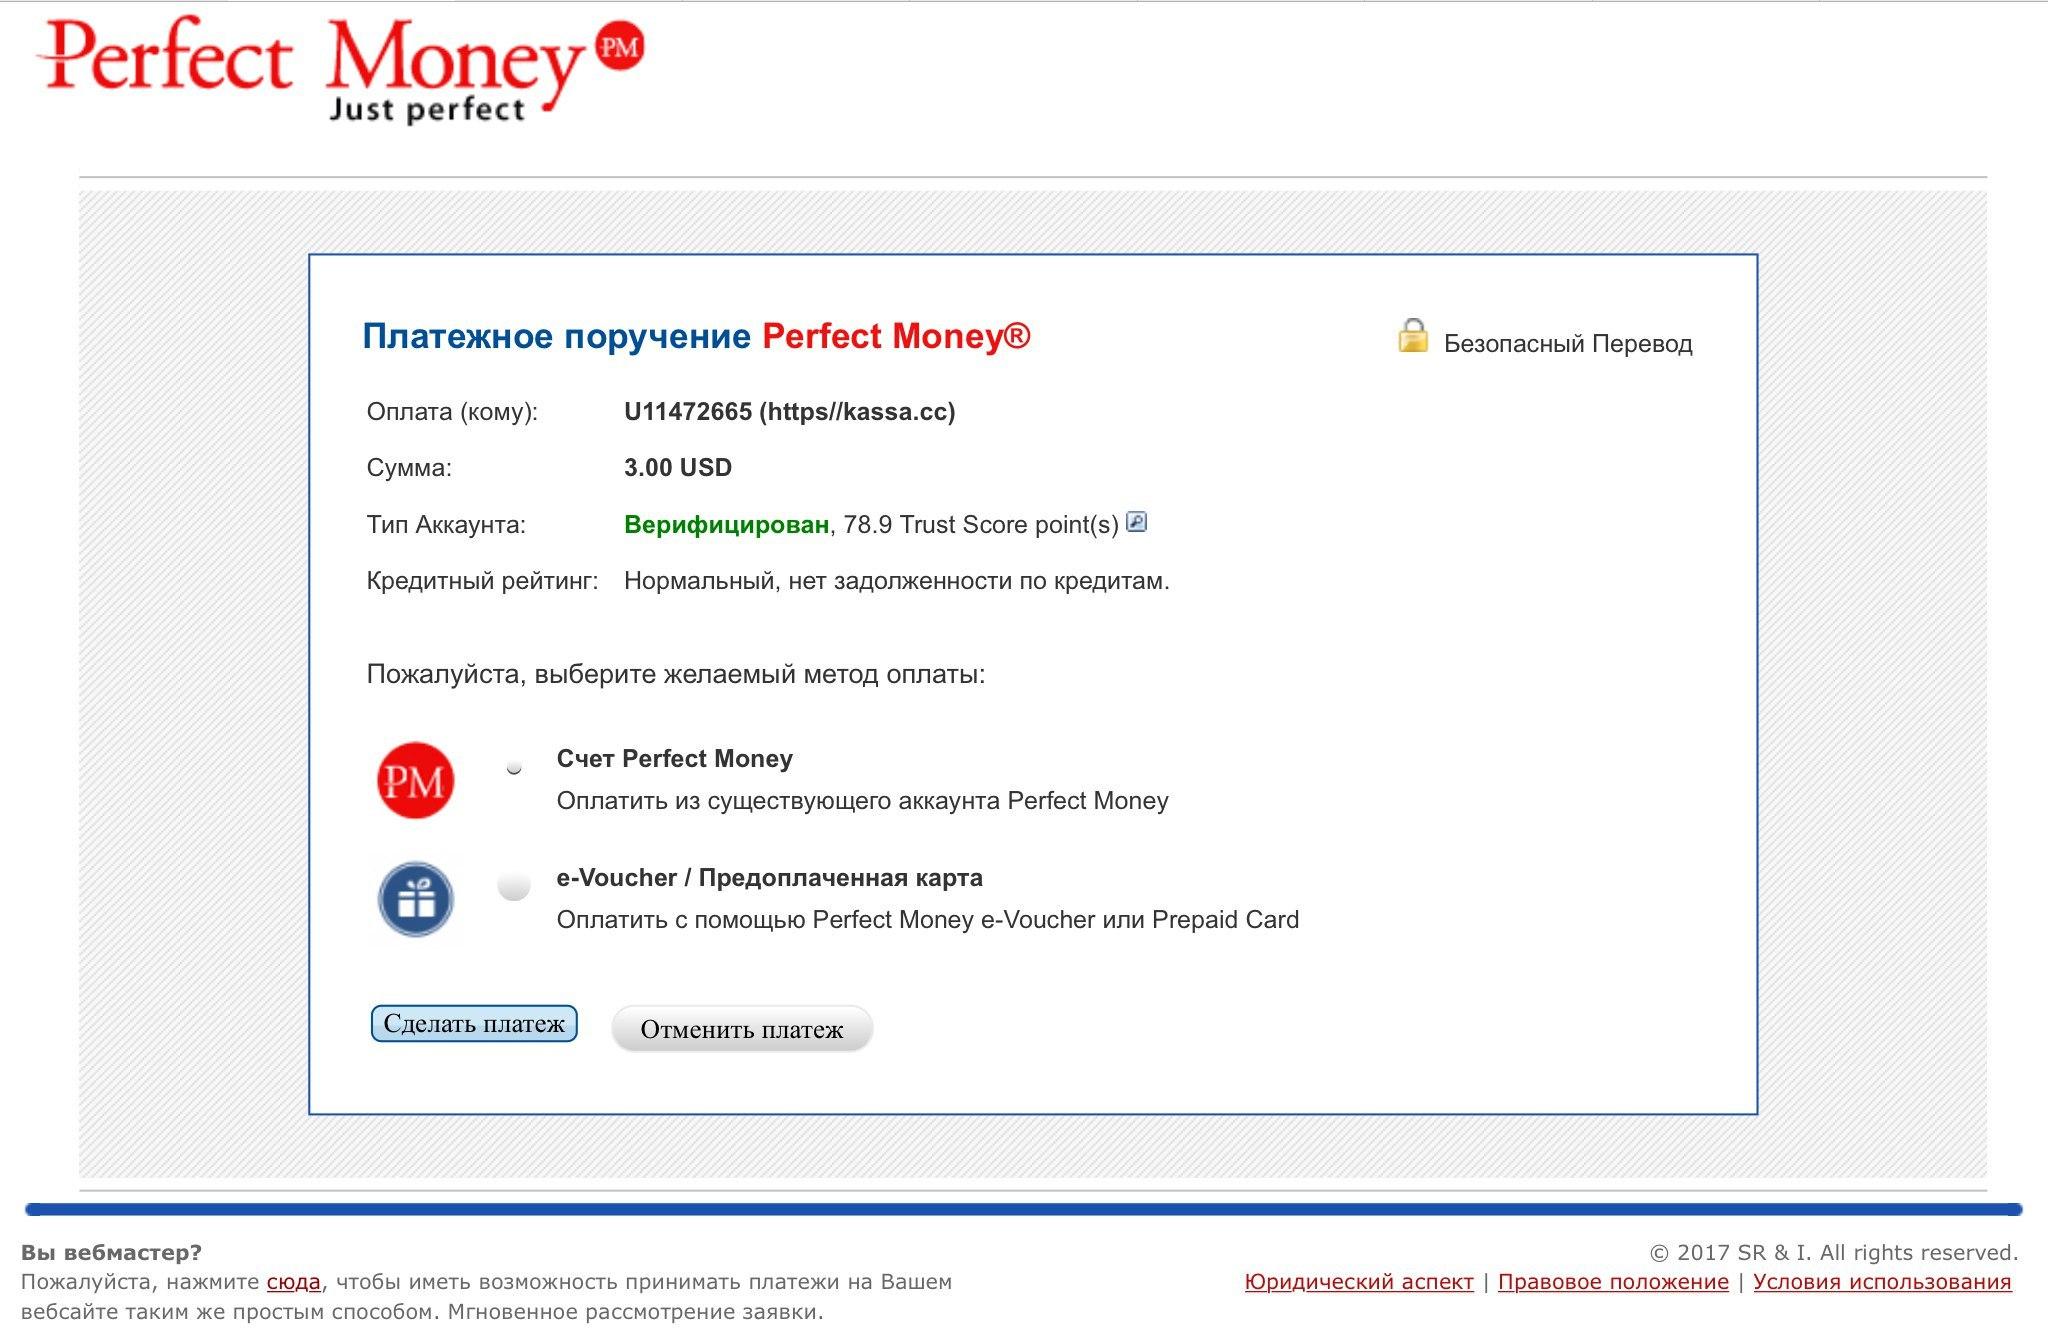 Kassa.cc - единый обмен валюты. Вывод Perfect Money USD на карту Тинькофф